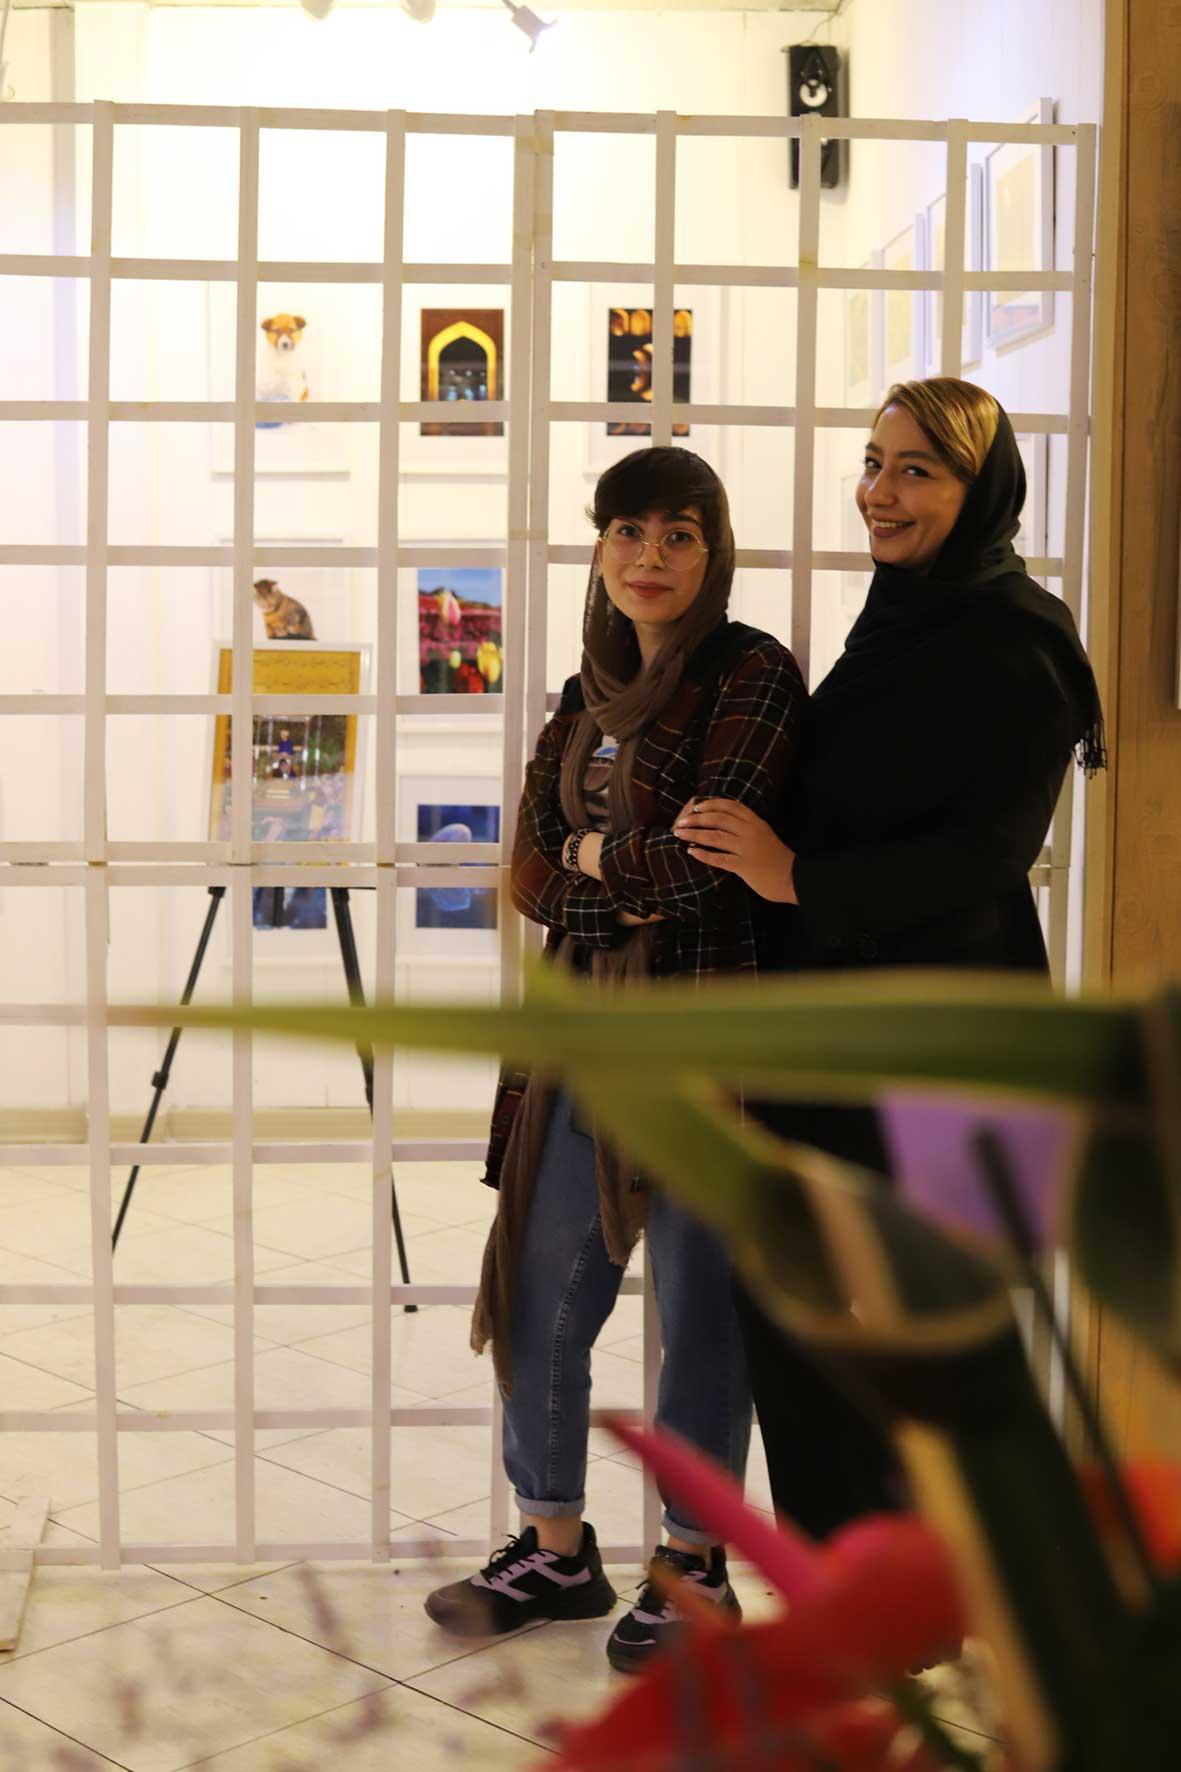 رزرو گالری و نمایشگاه هنرهای تجسمی الیزه در شرق تهران نمایشگاه نگارخانه نقاشی عکاسی مهندس سهراب نعیمی خطاطی آرتیست هنر